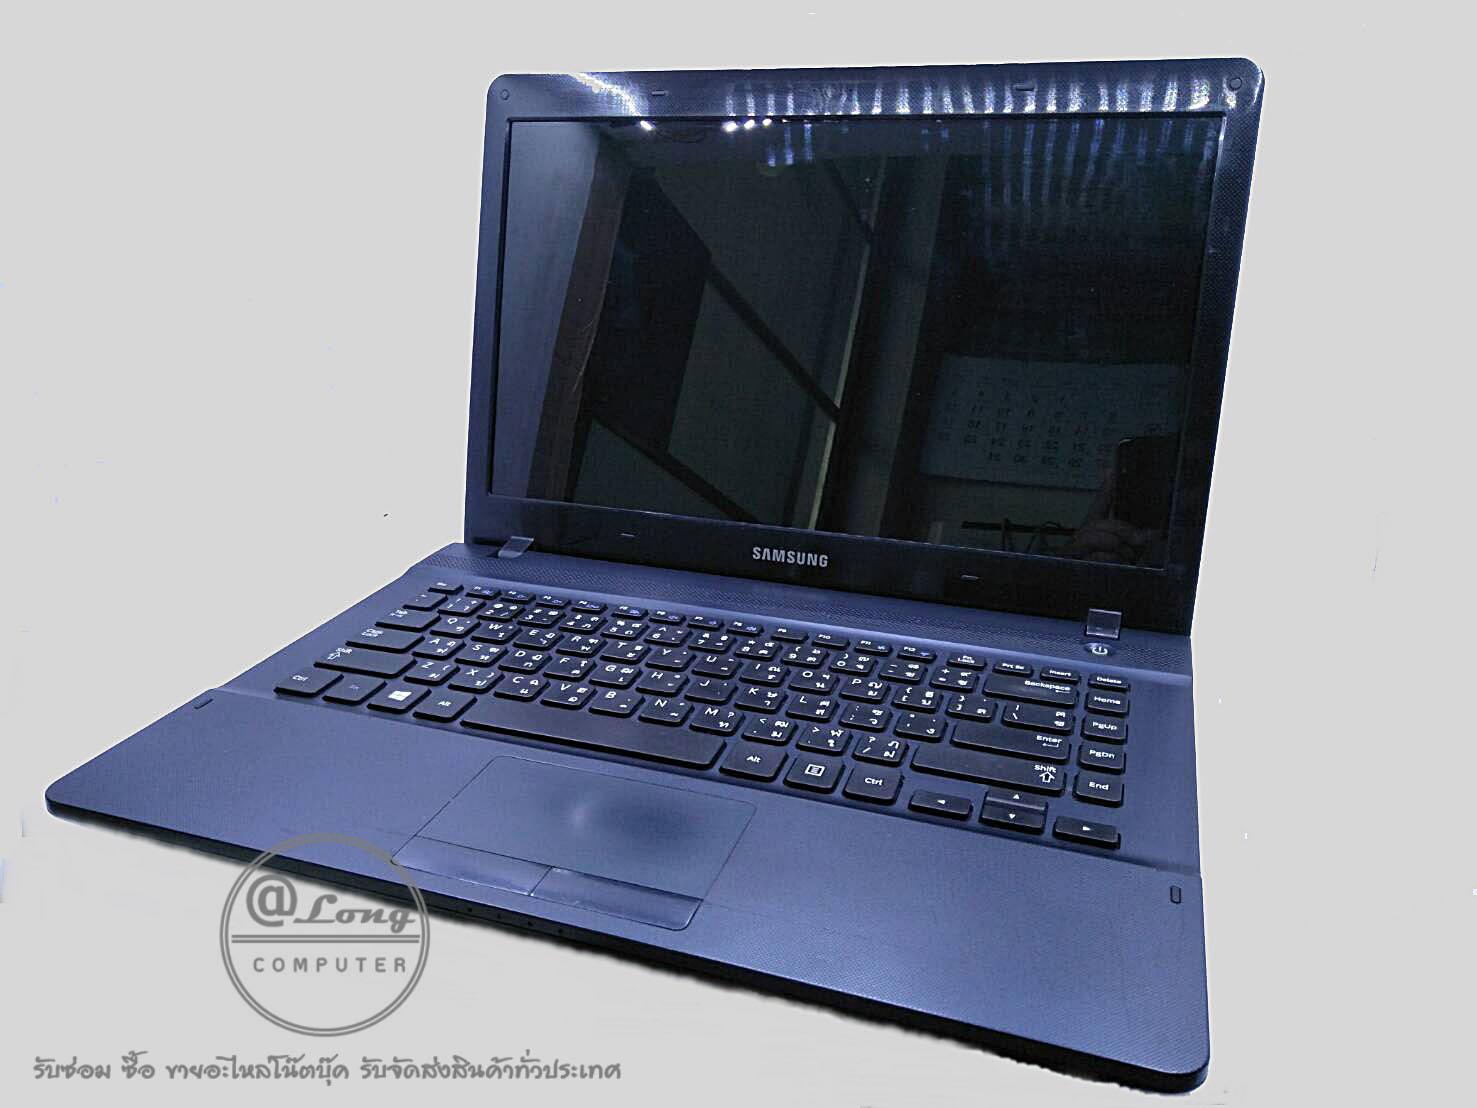 โน๊ตบุ๊คมือสอง Samsung NP270E4V-K02TH